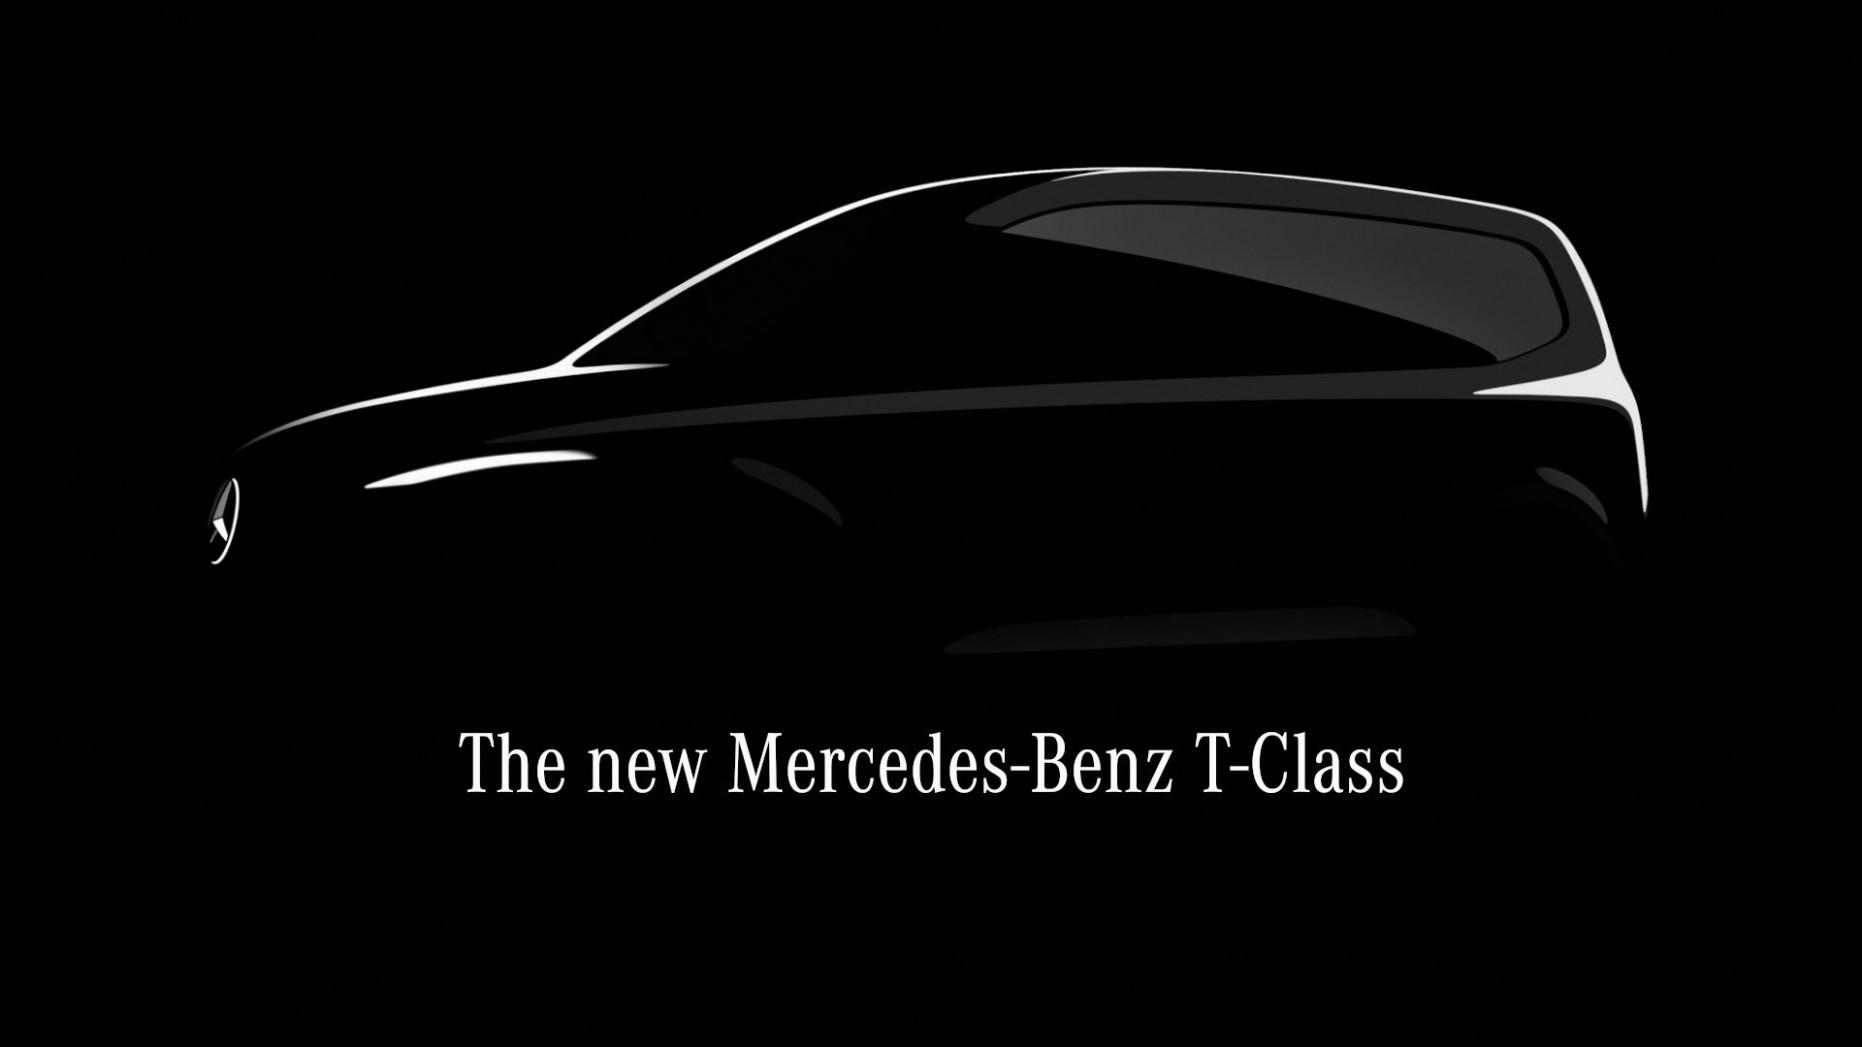 Exterior 2022 Mercedes-Benz M-Class